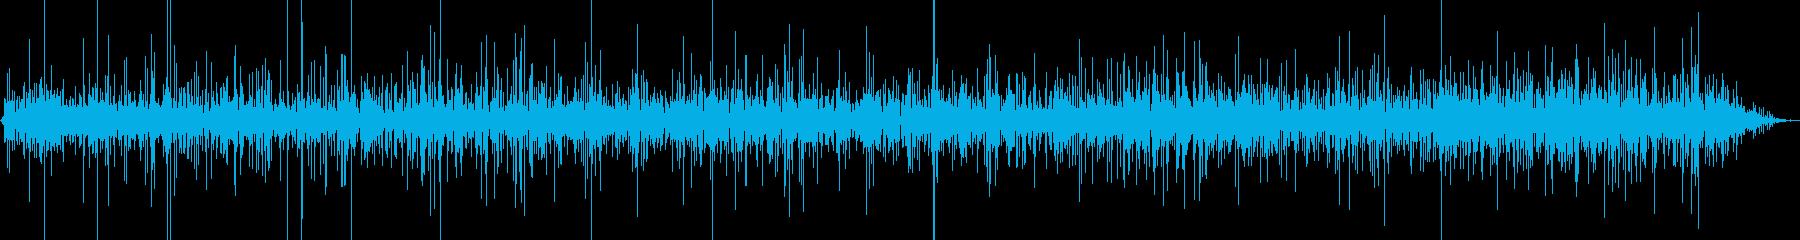 ぴちょぴちょ…洗濯機に水をためる音の再生済みの波形